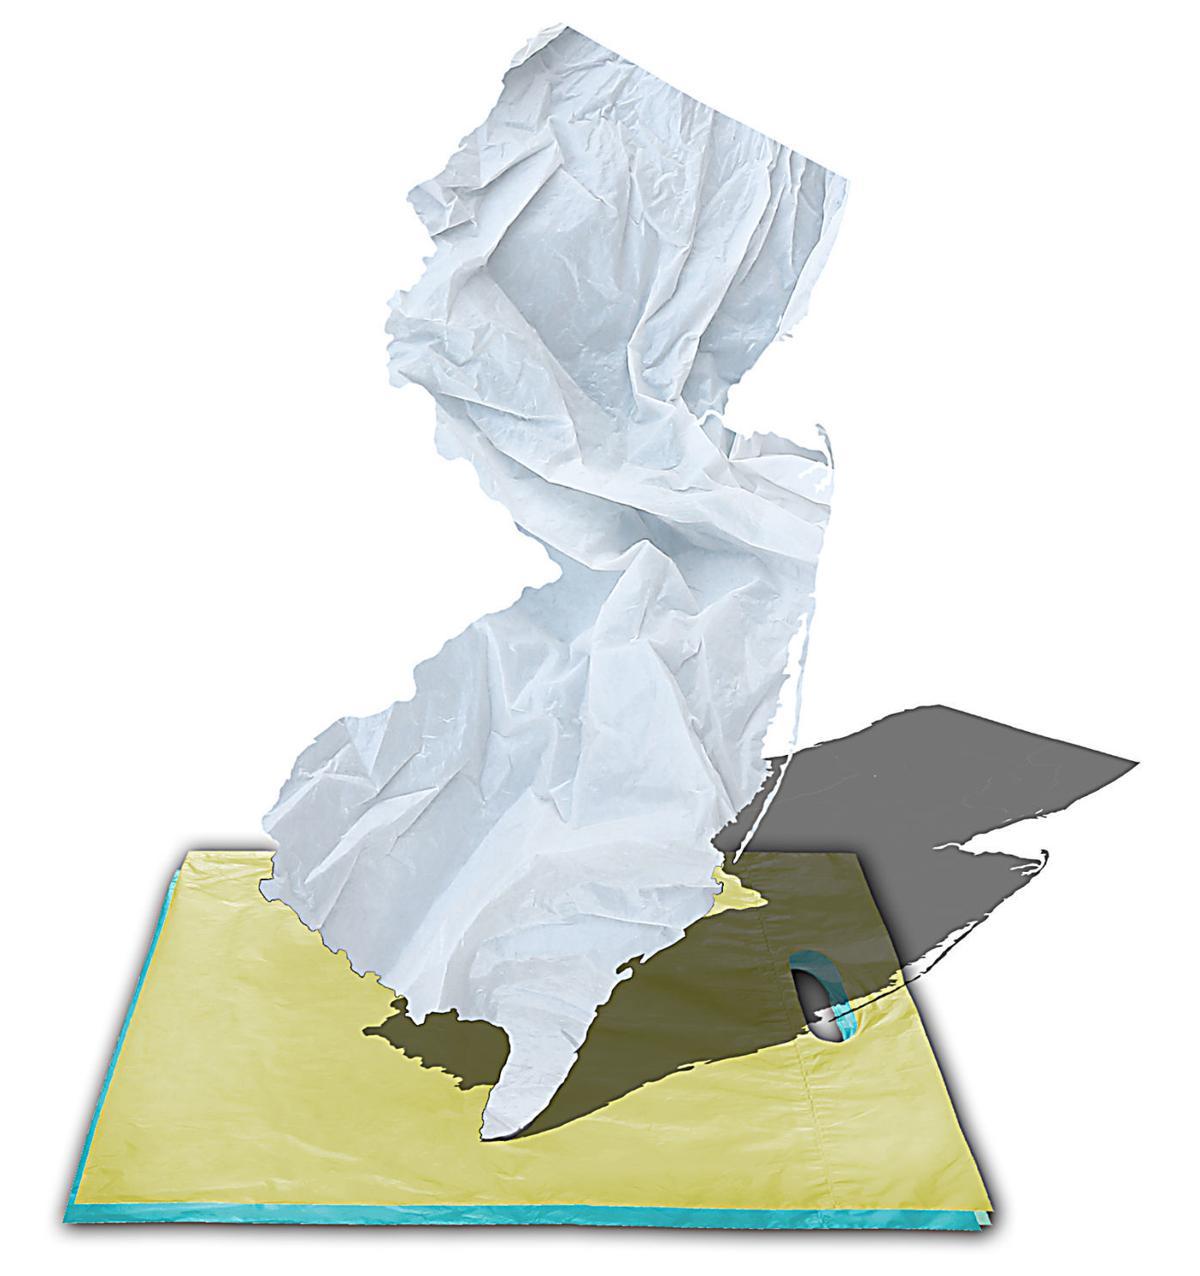 Plastic bag fee illustration